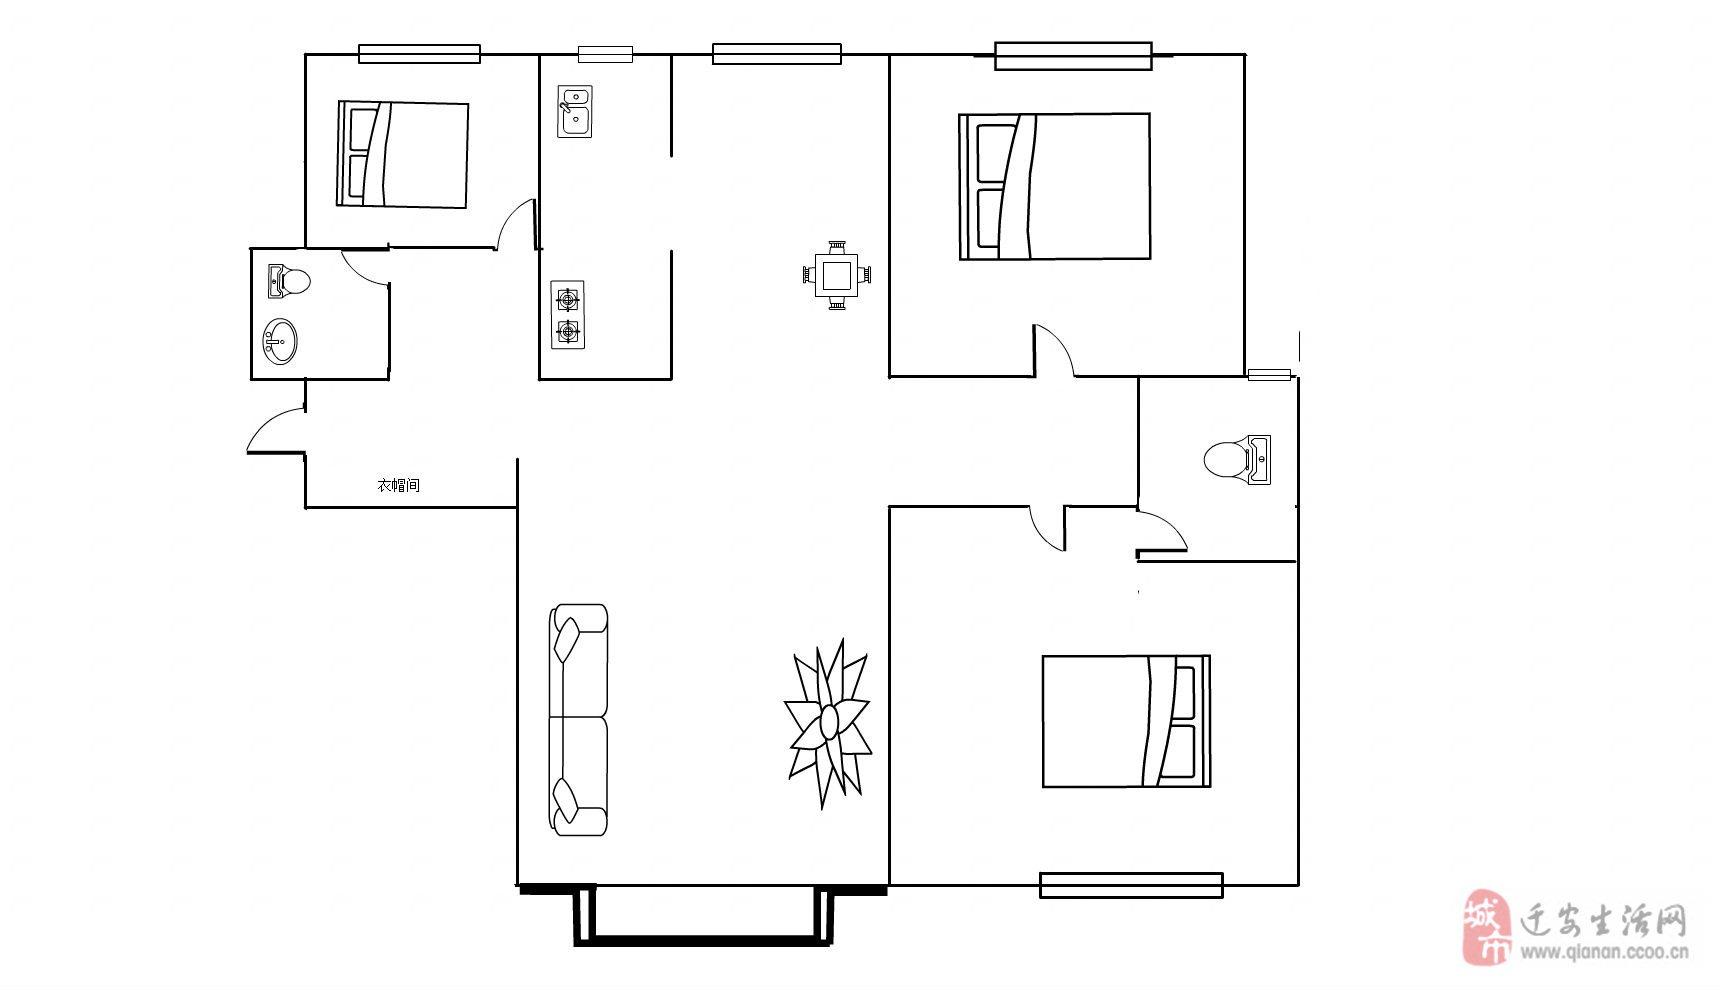 天洋城3室2廳2衛76萬后期費用全部交清